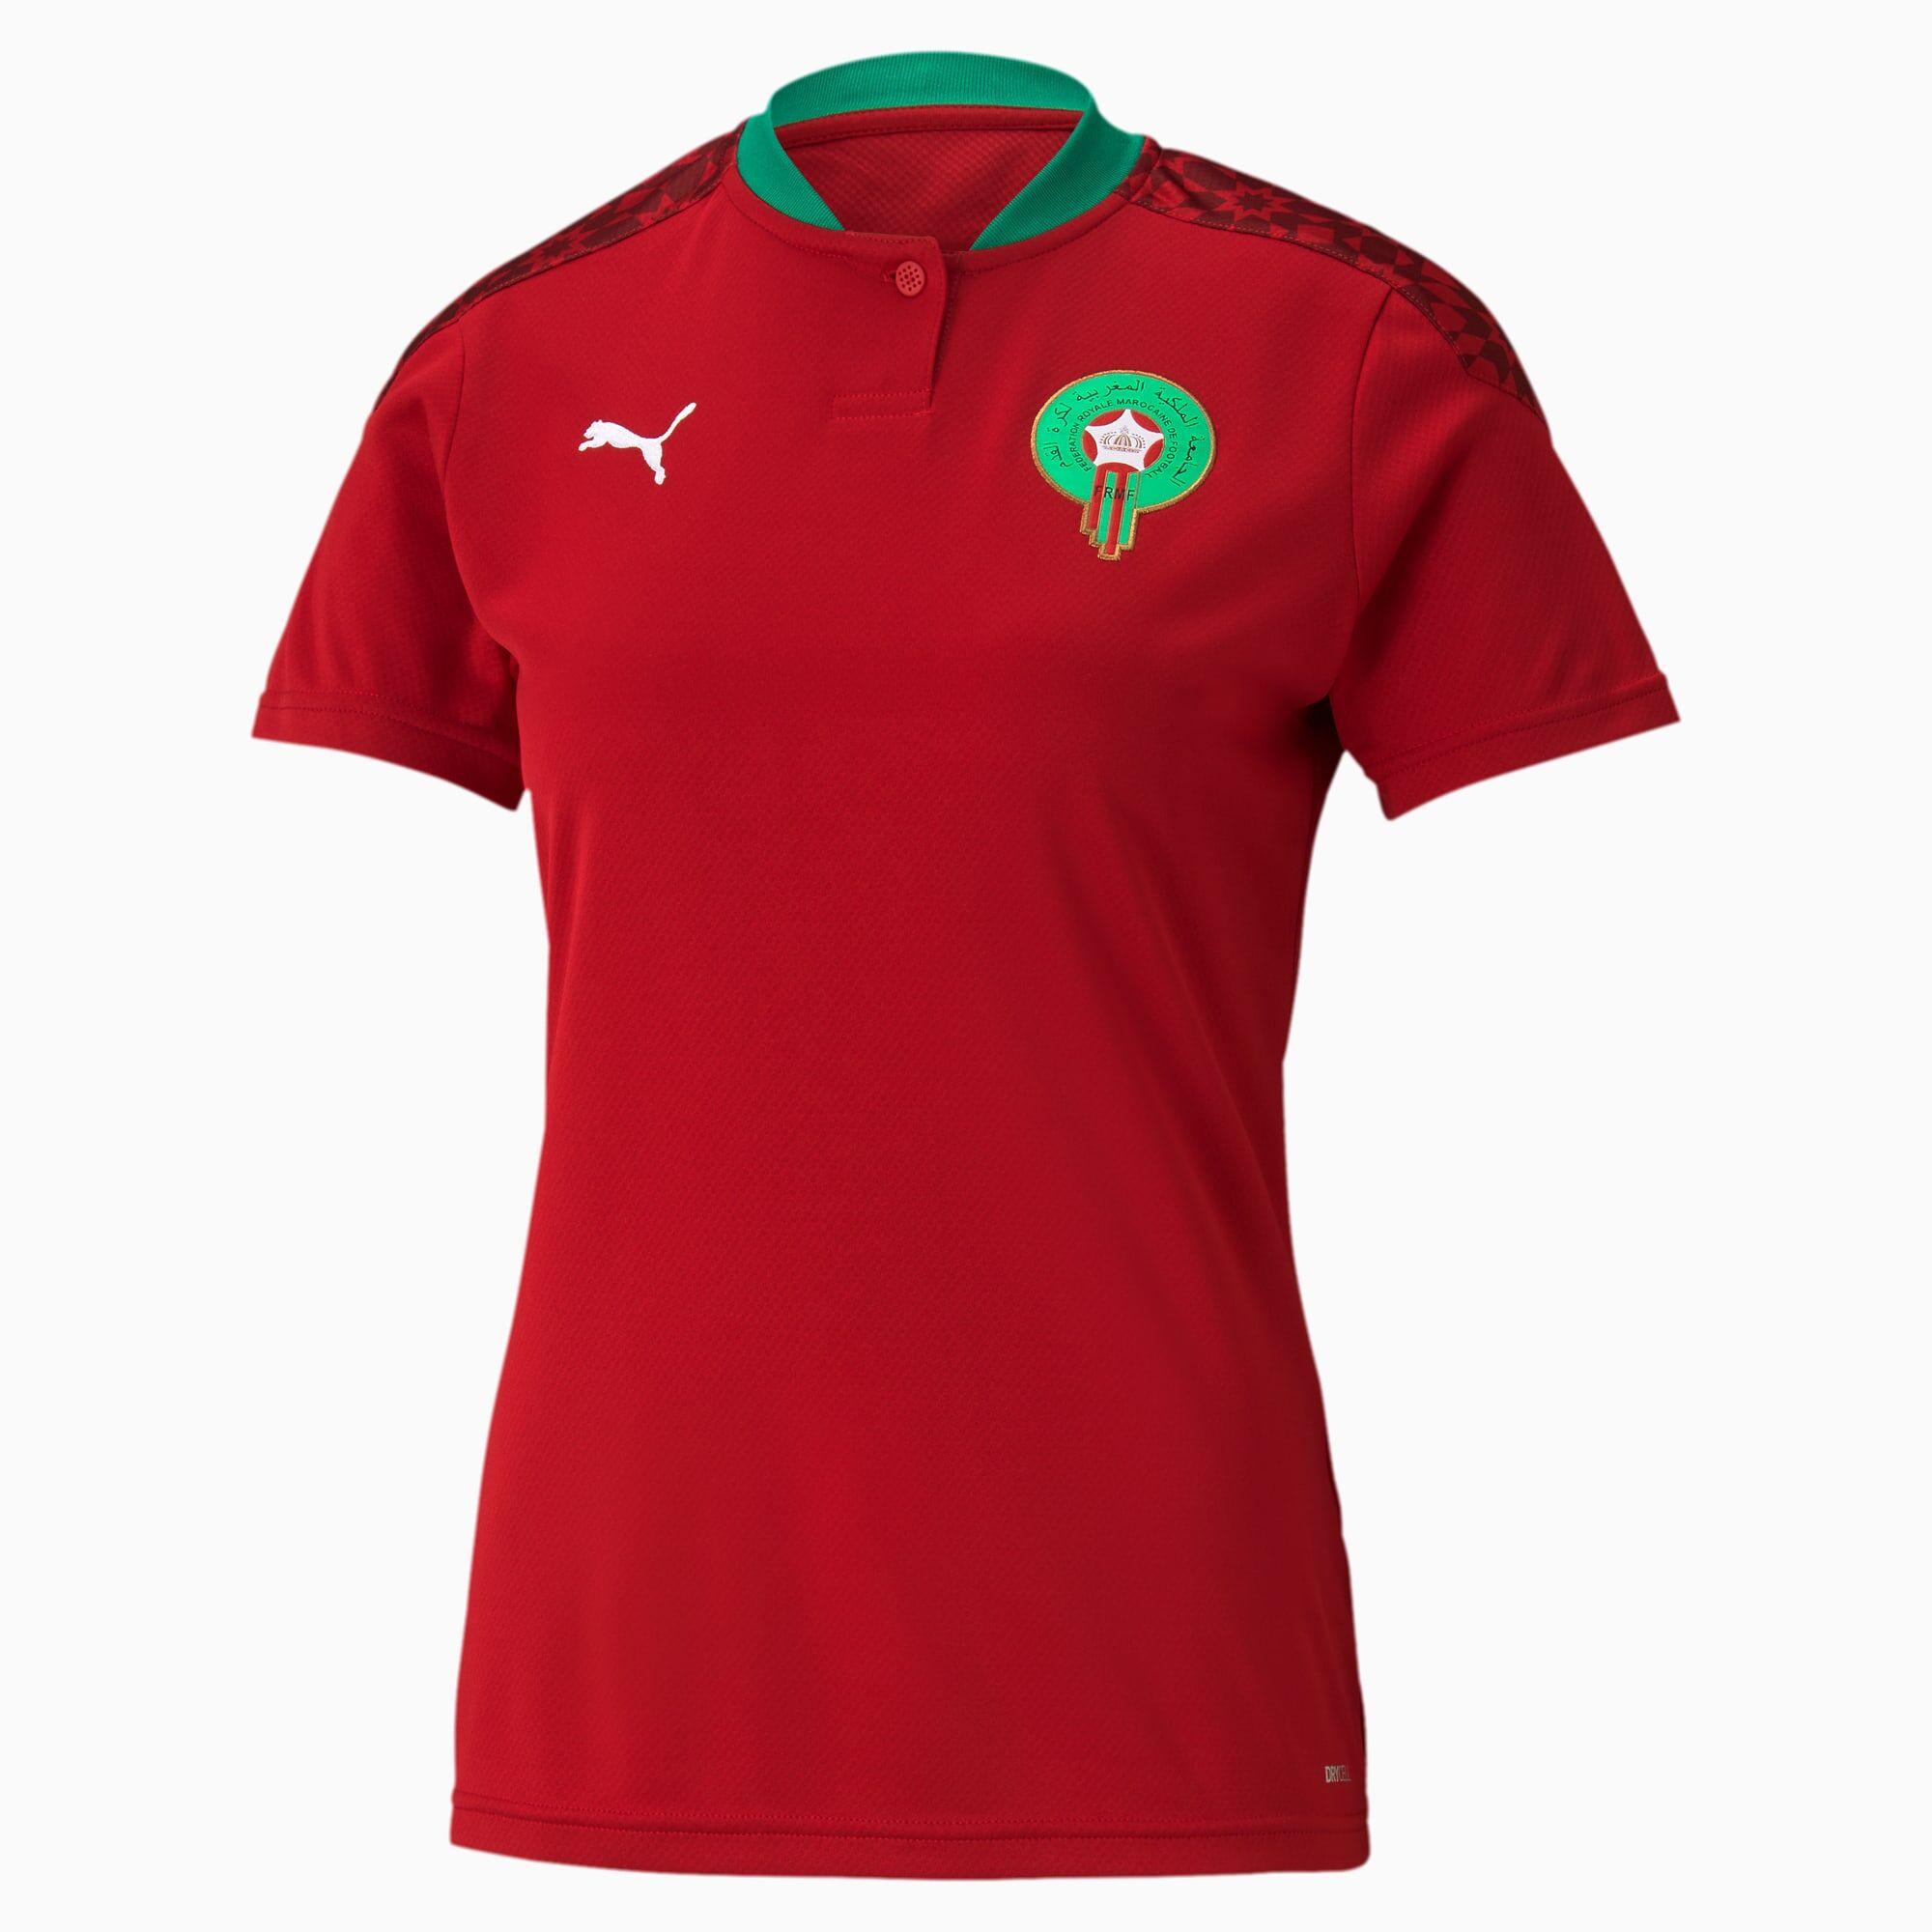 PUMA Maillot domicile Maroc Replica, Rouge/Blanc, Taille XL, Vêtements